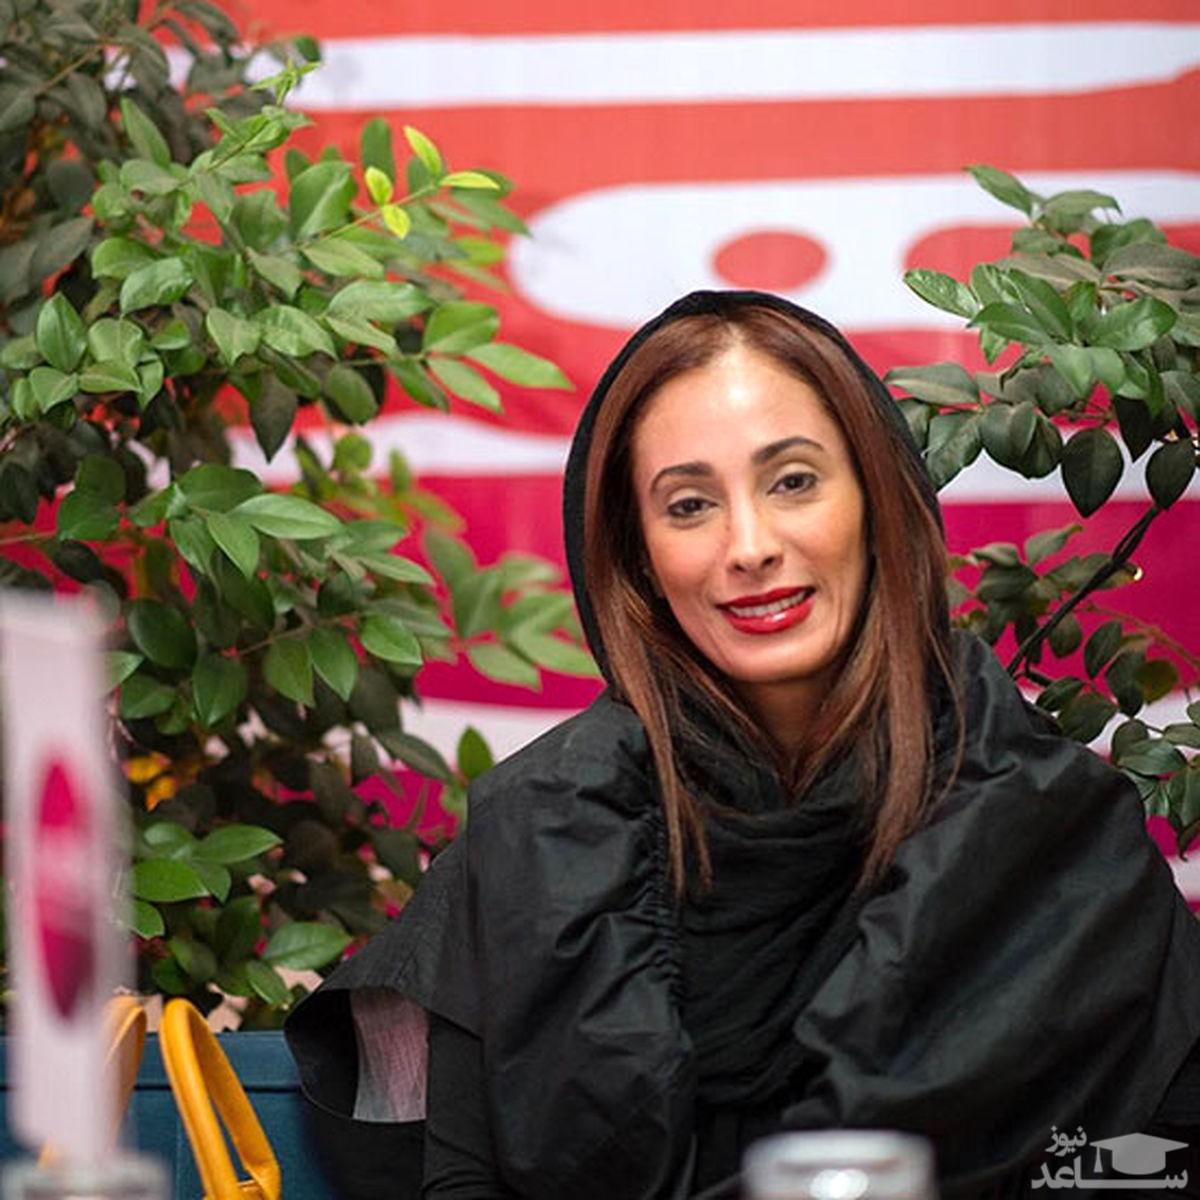 (فیلم) درخواست کمک سحر زکریا از مهران مدیری